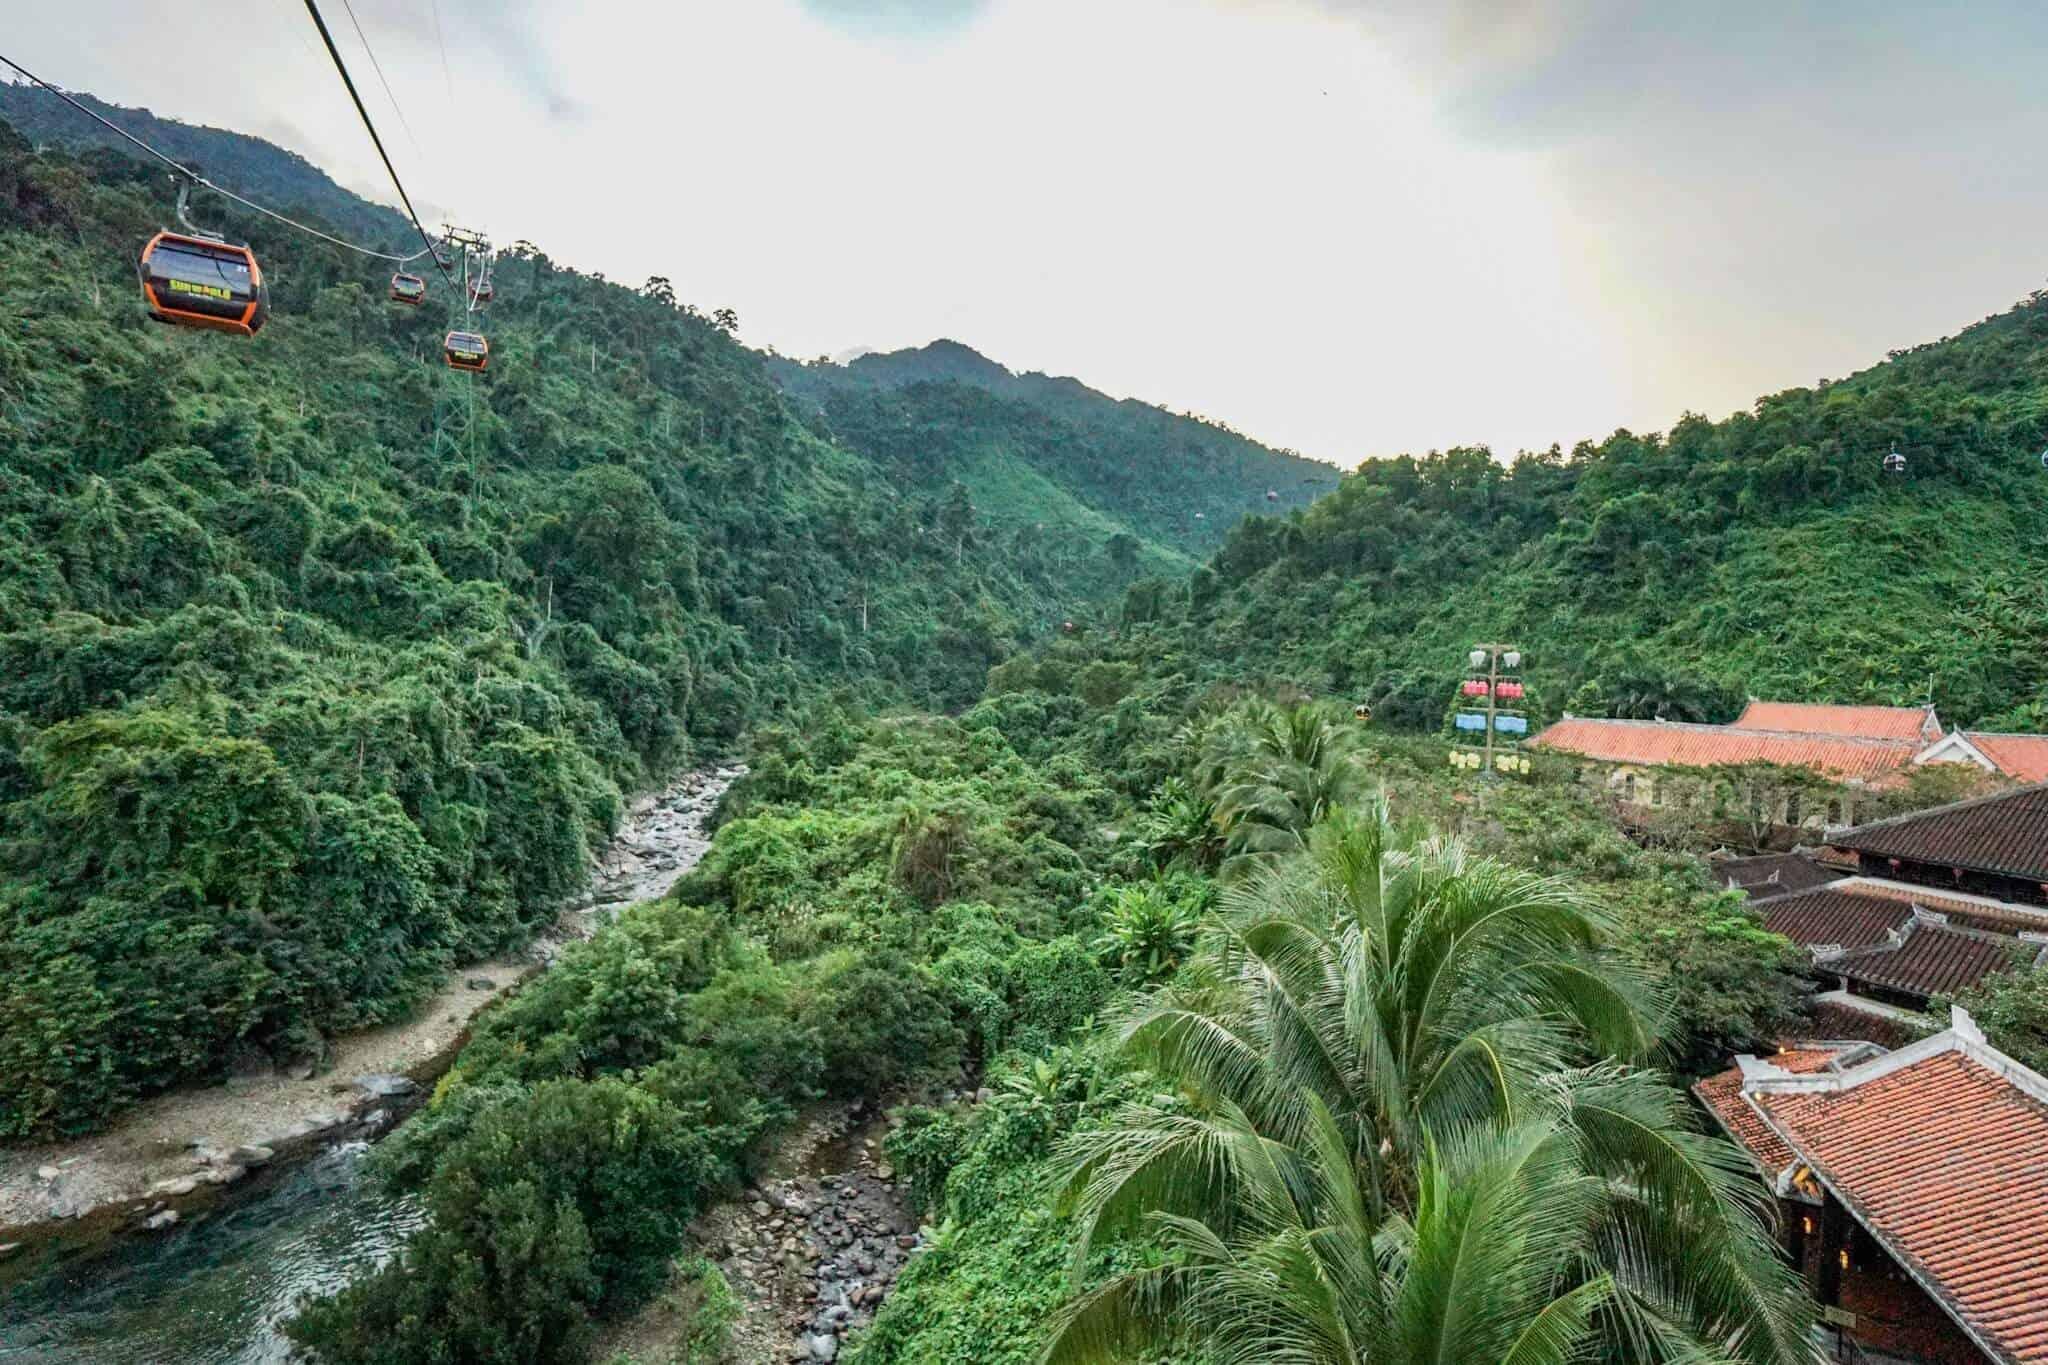 Da Nang Sunworld Cable Car Waterfall 2